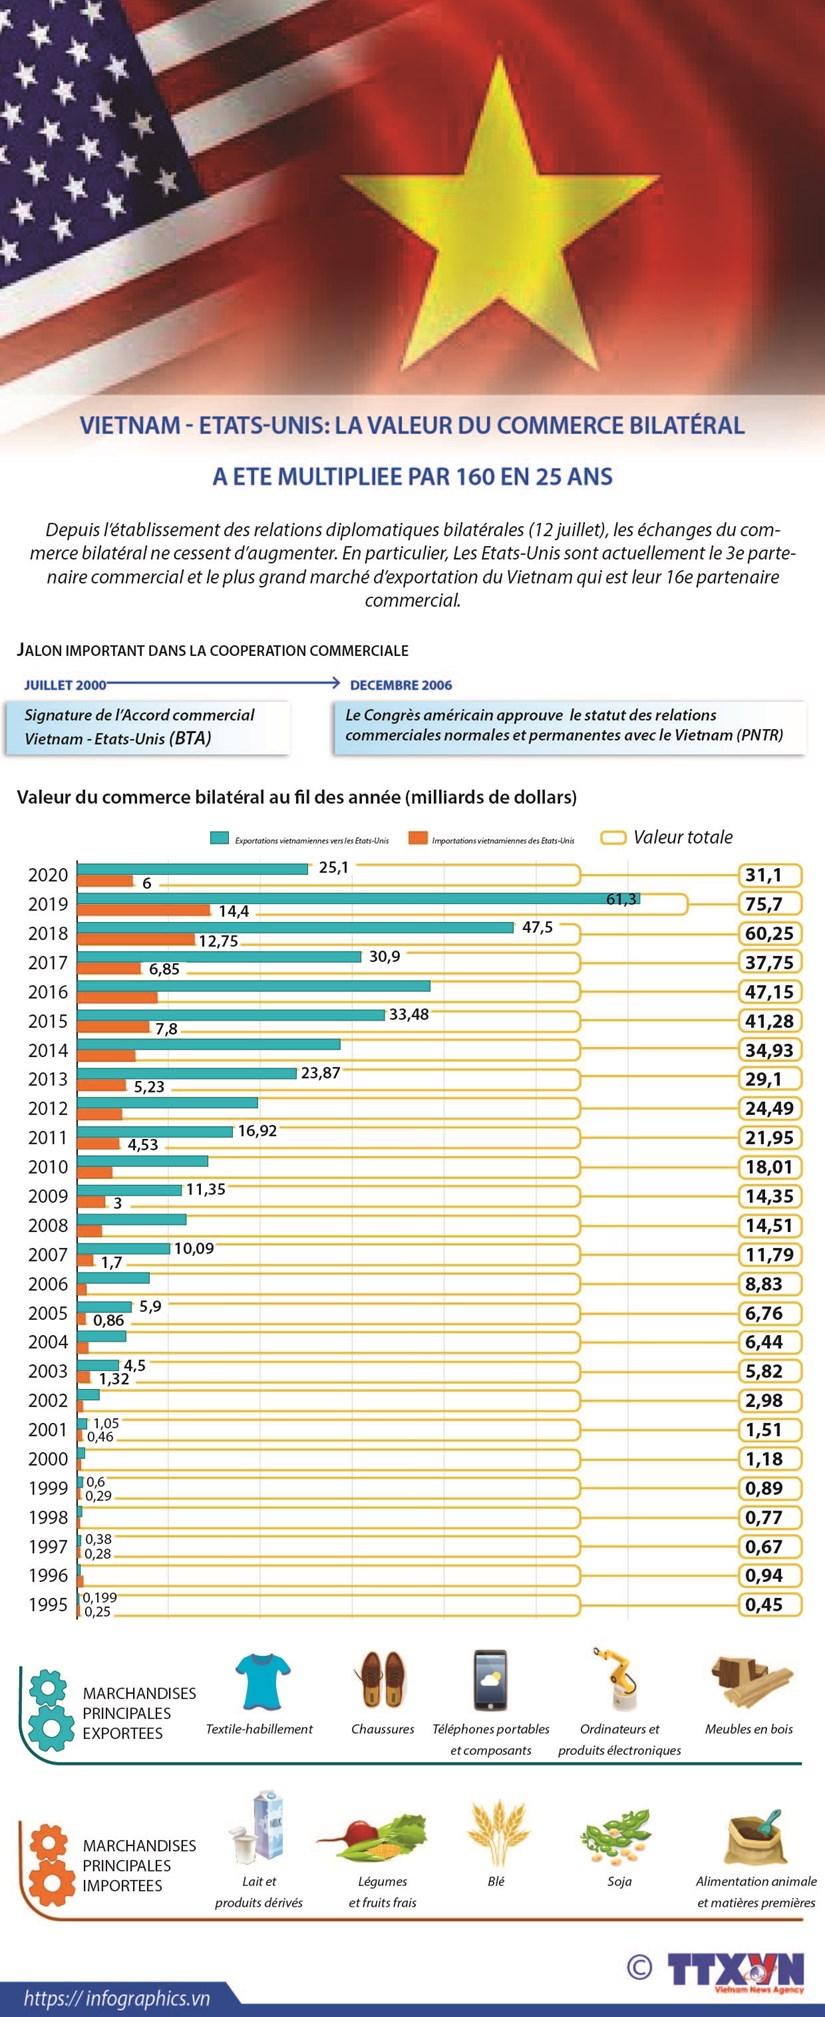 Vietnam - Etats-Unis: La valeur du commerce bilateral a ete multpliee par 160 en 25 ans hinh anh 1